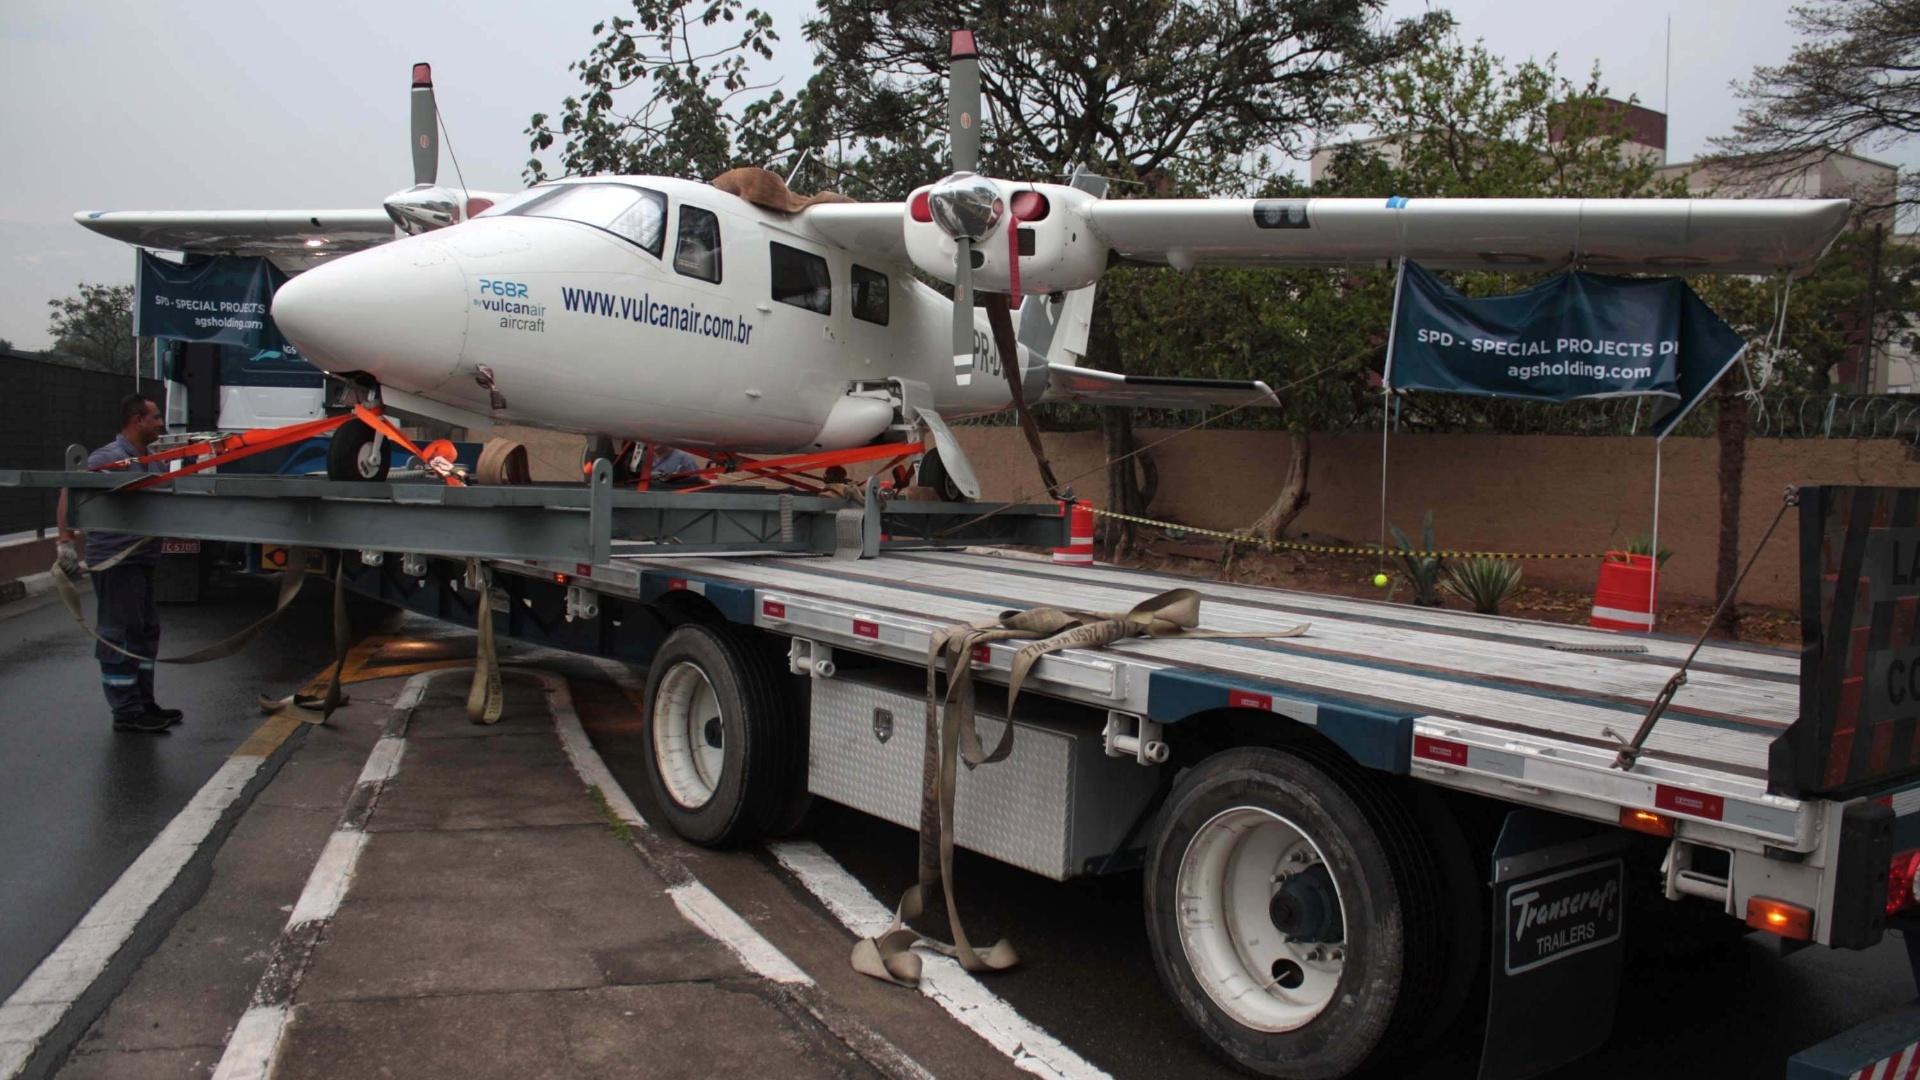 25.set.2014 - Avião Vulcanair, modelo P68R, atrapalhou o trânsito na chegada ao Transamérica Expo Center, na manhã desta quinta-feira (25), na zona sul de São Paulo. O ve�